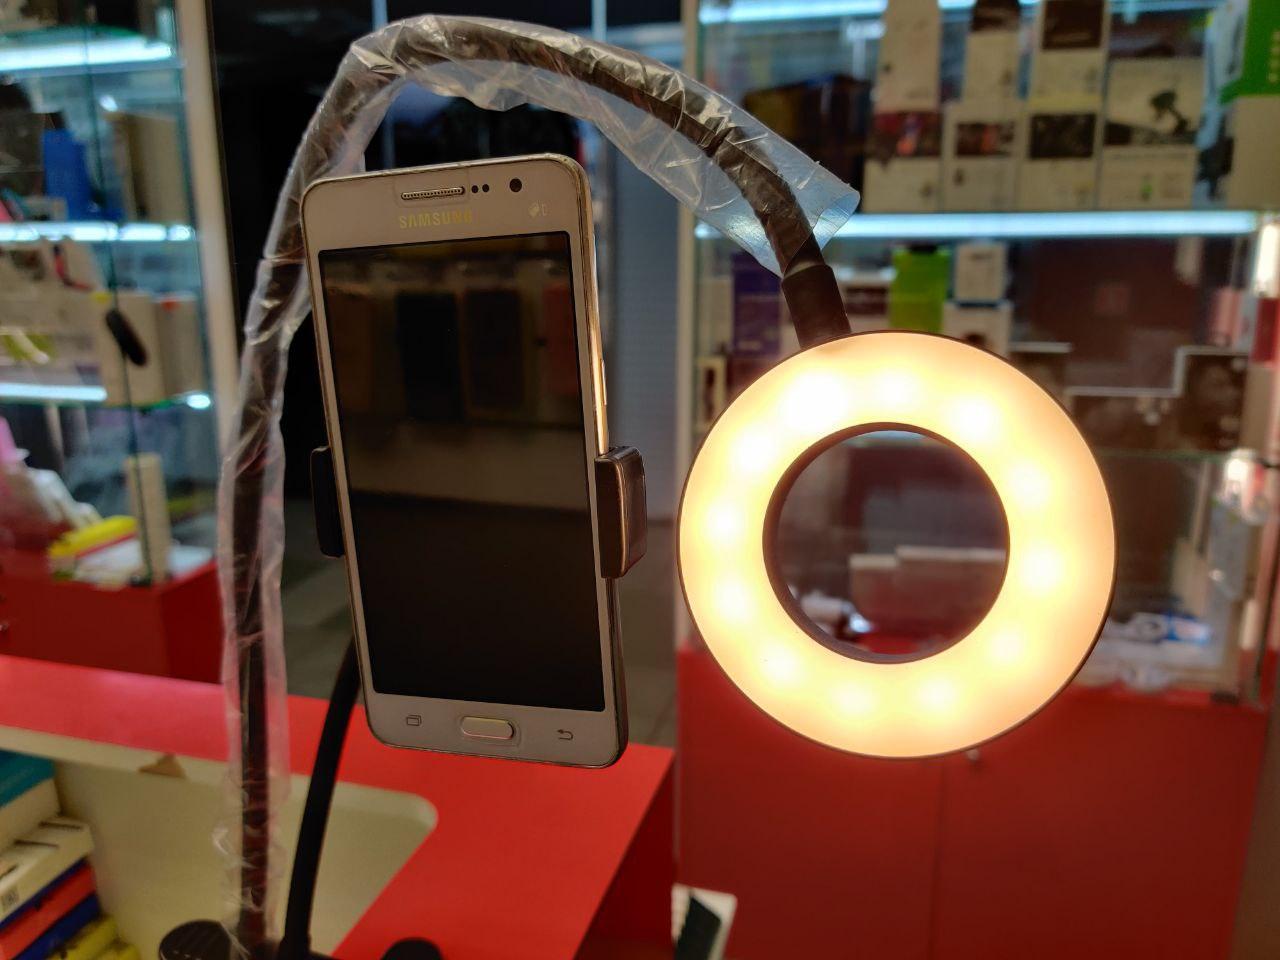 Лампа кольцевая с держателем для смартфона в Москве 89771038898 купить 4